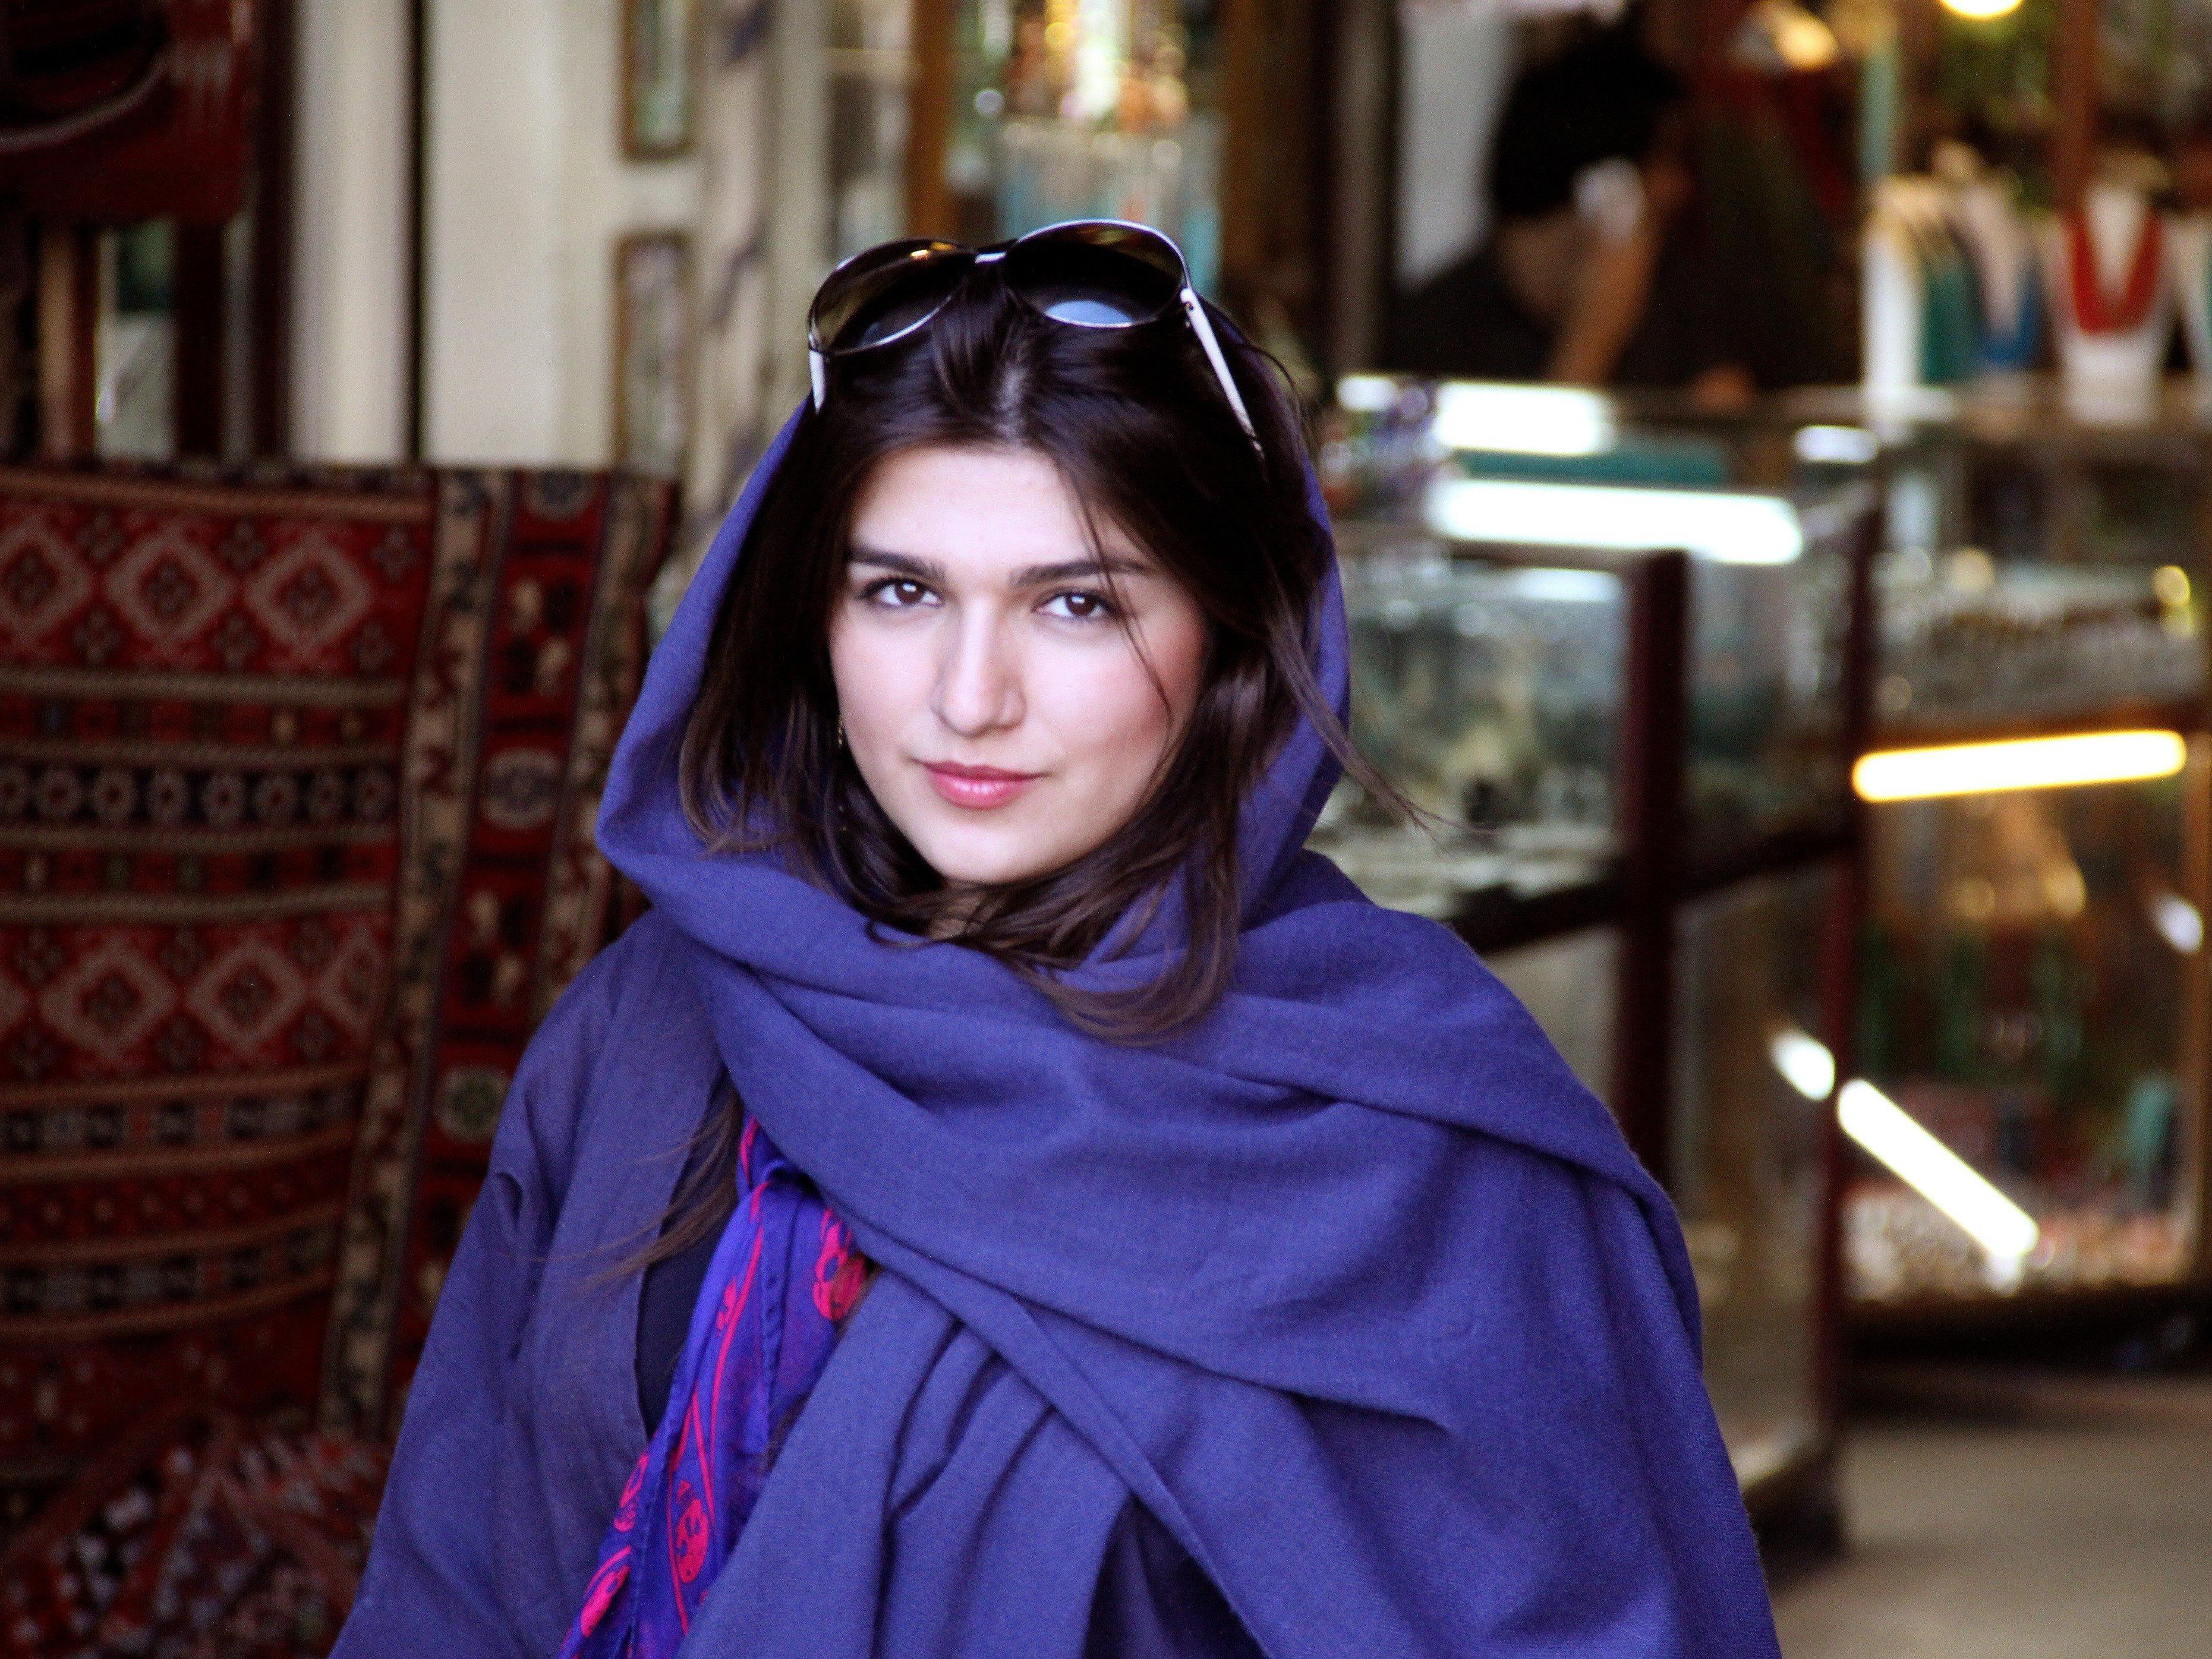 Die 25-Jährige hatte in Teheran ein Volleyballspiel der Männer anschauen wollen